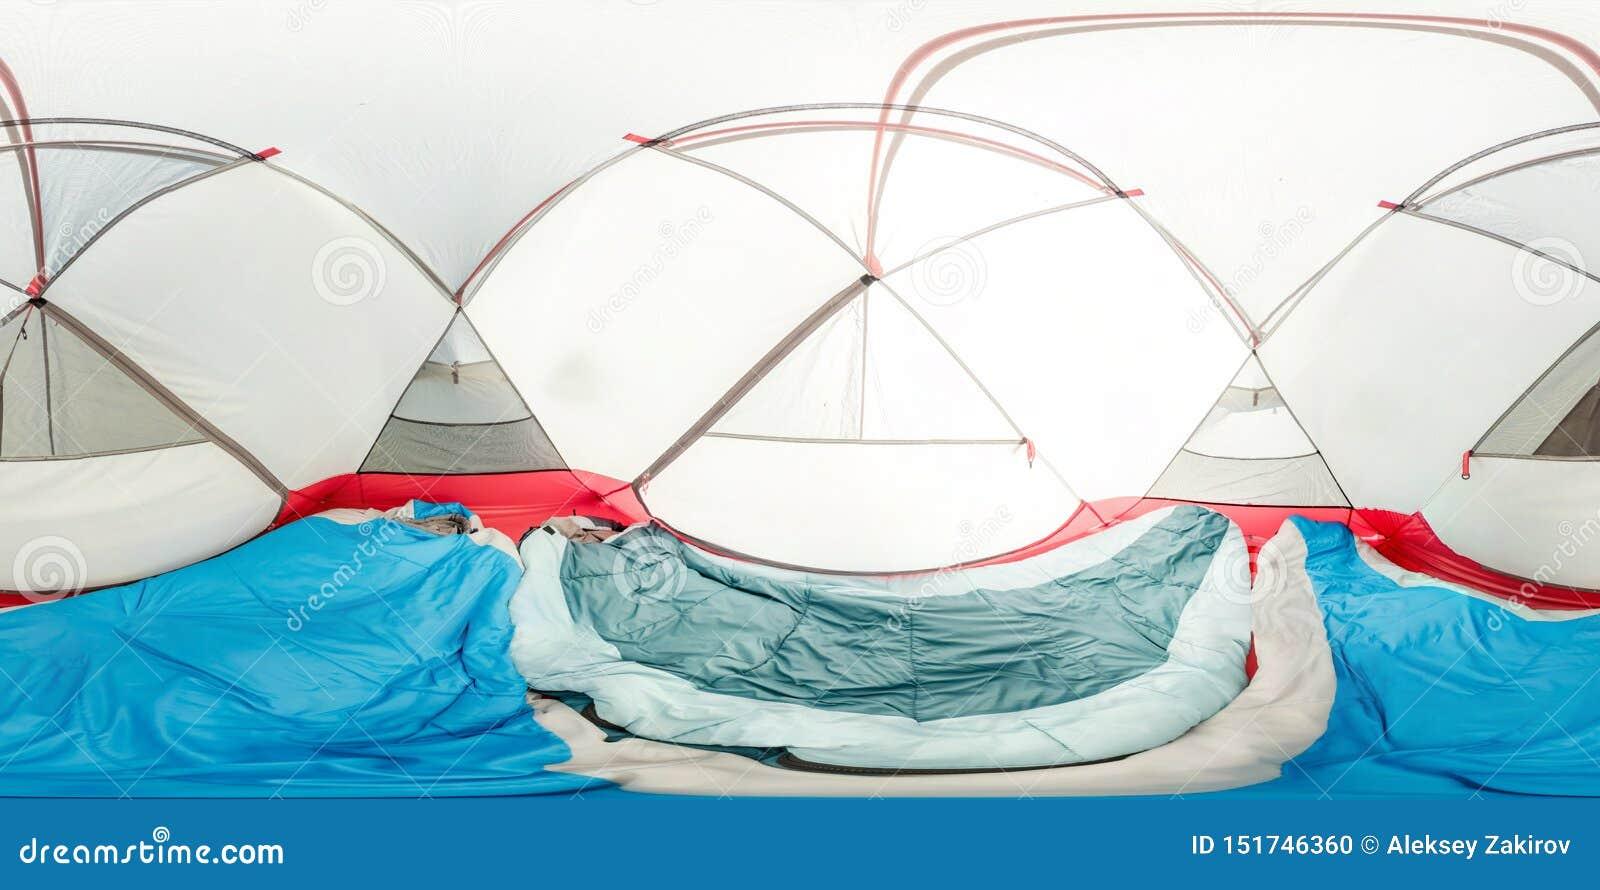 Εσωτερική σκηνή μέσα στην άποψη, δύο υπνόσακοι, χαλιά Σφαιρικό πανόραμα 360vr